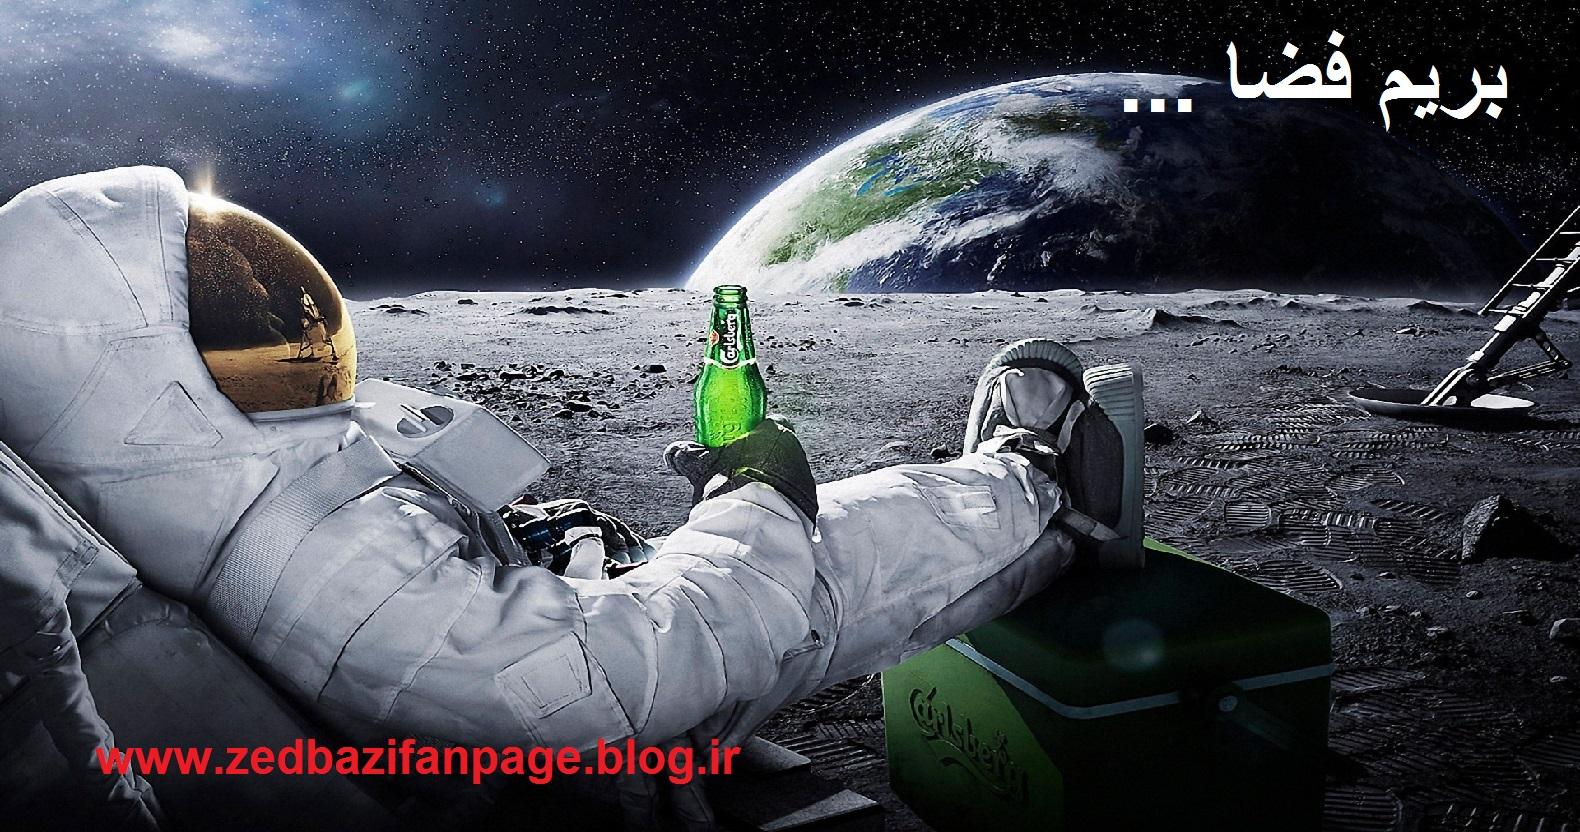 دانلود آهنگ جدید زدبازی به نام بریم فضا